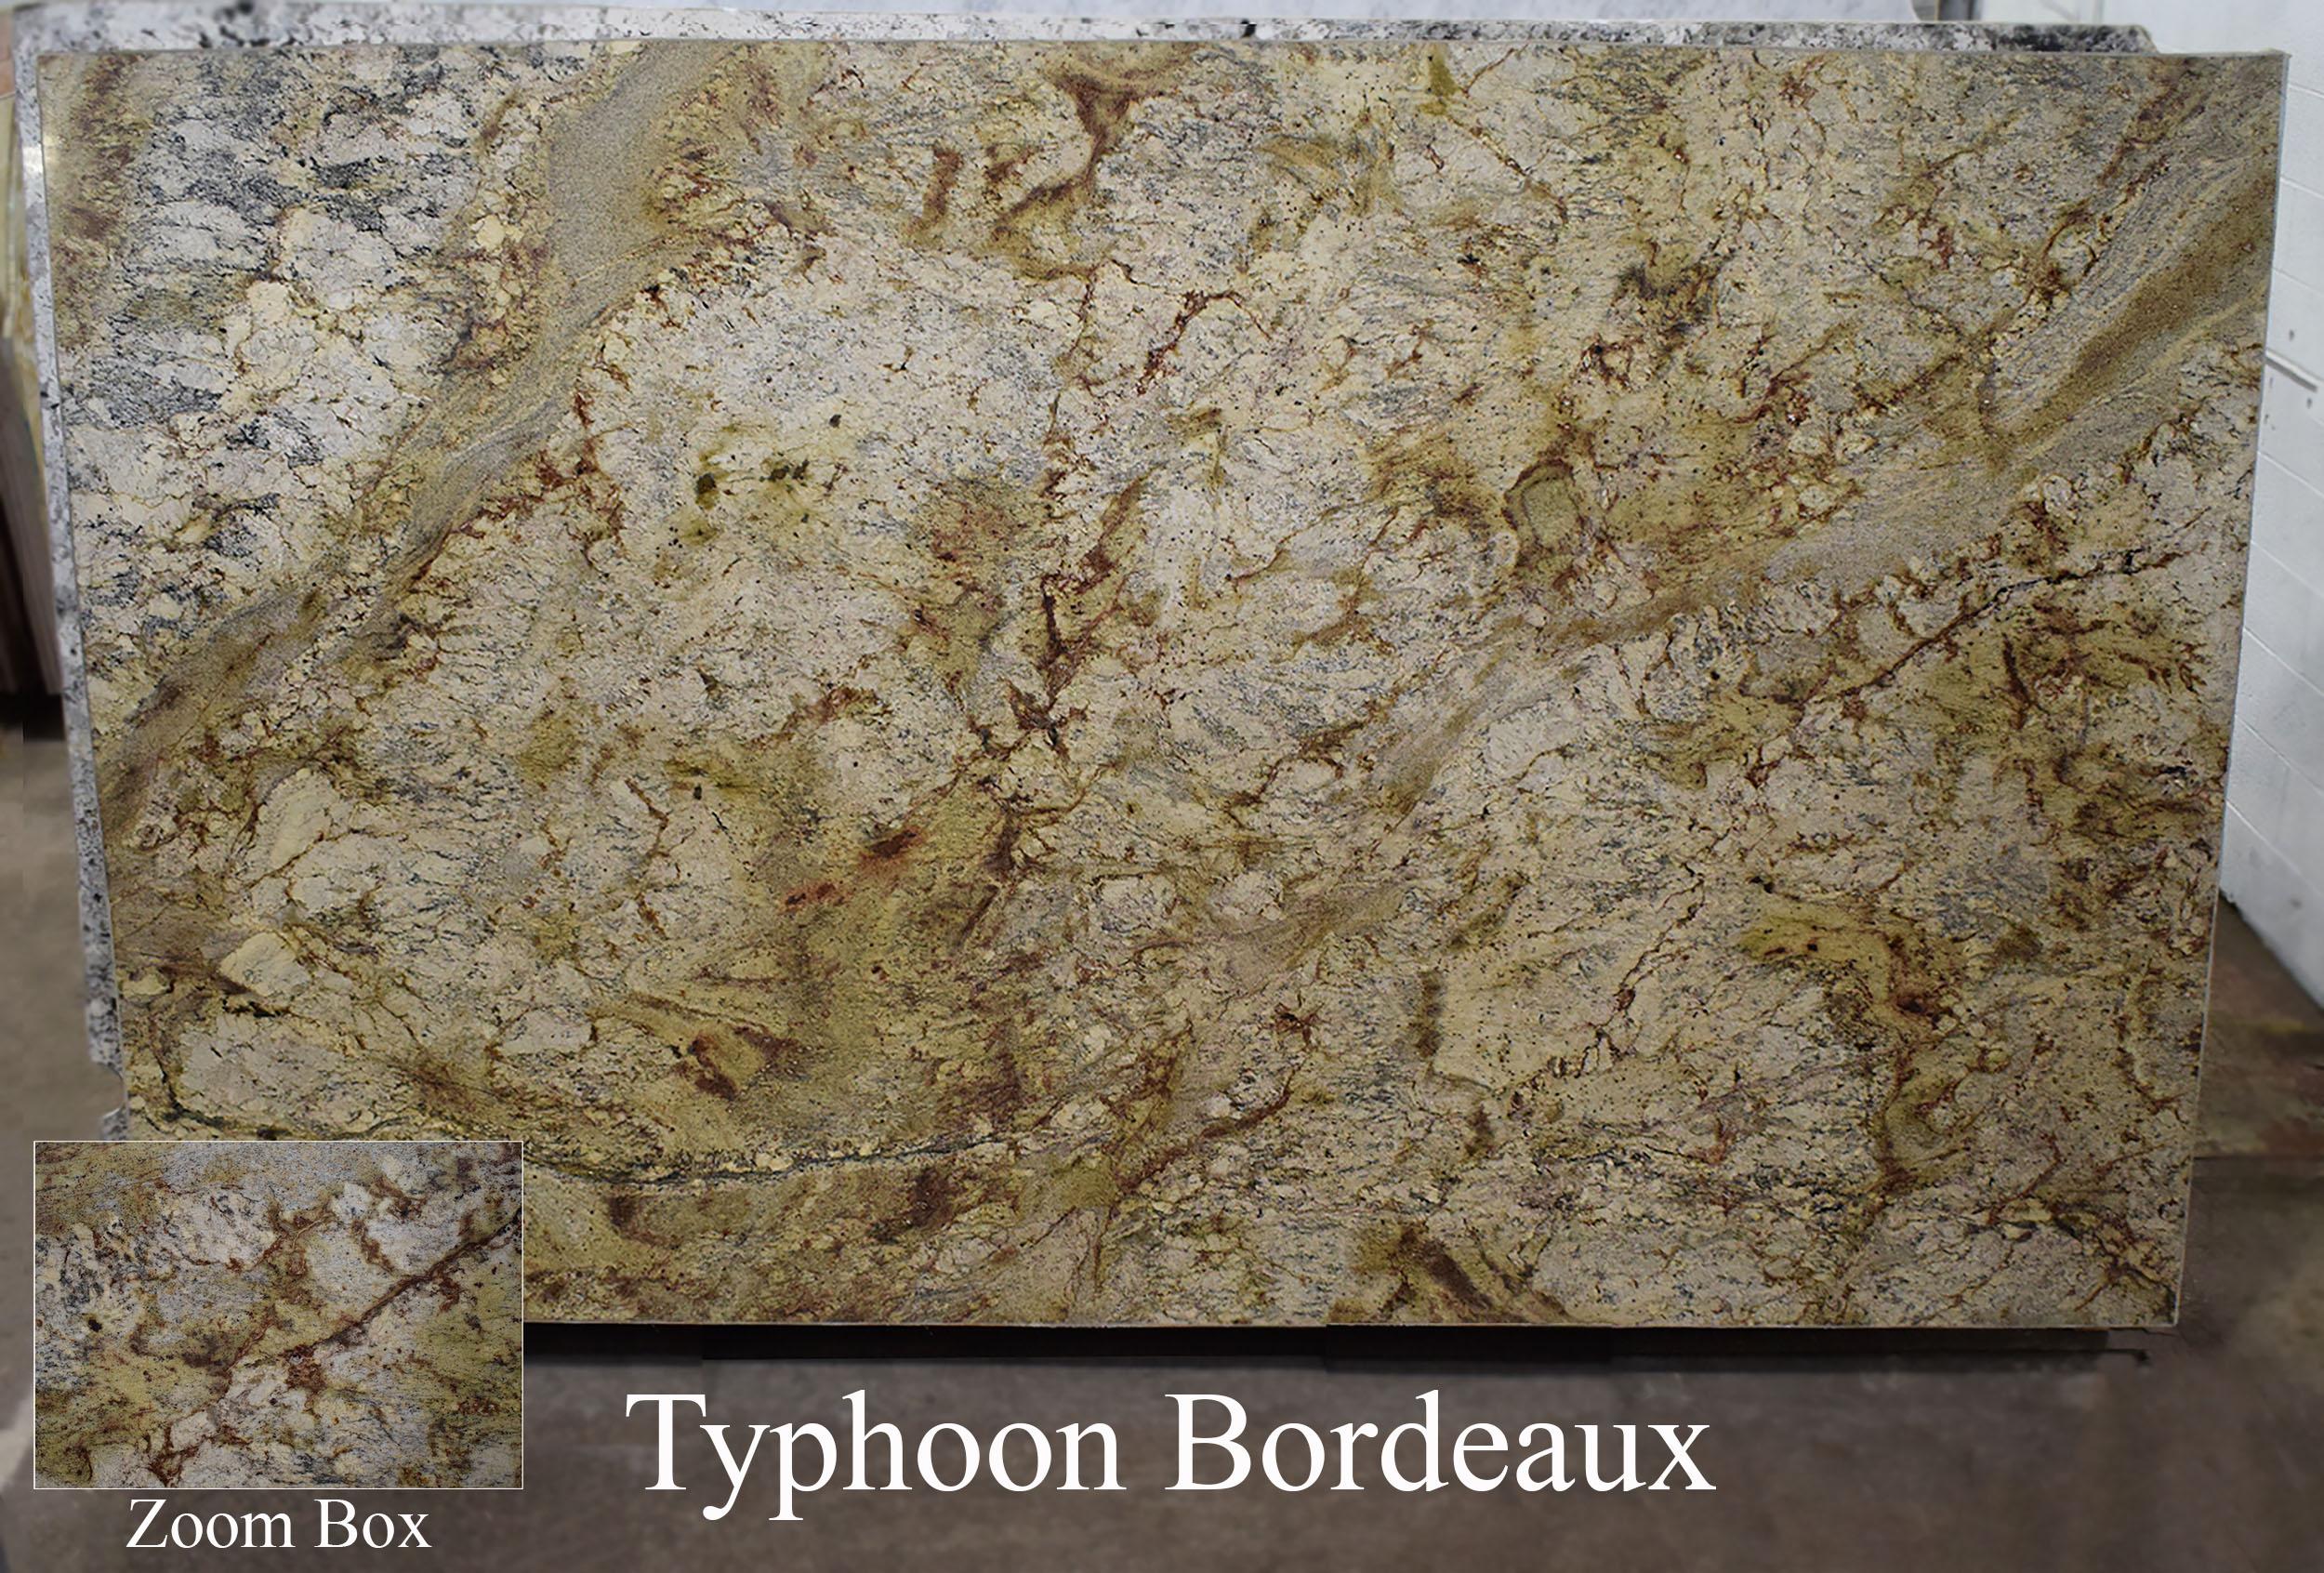 TYPHOON BORDEAUX